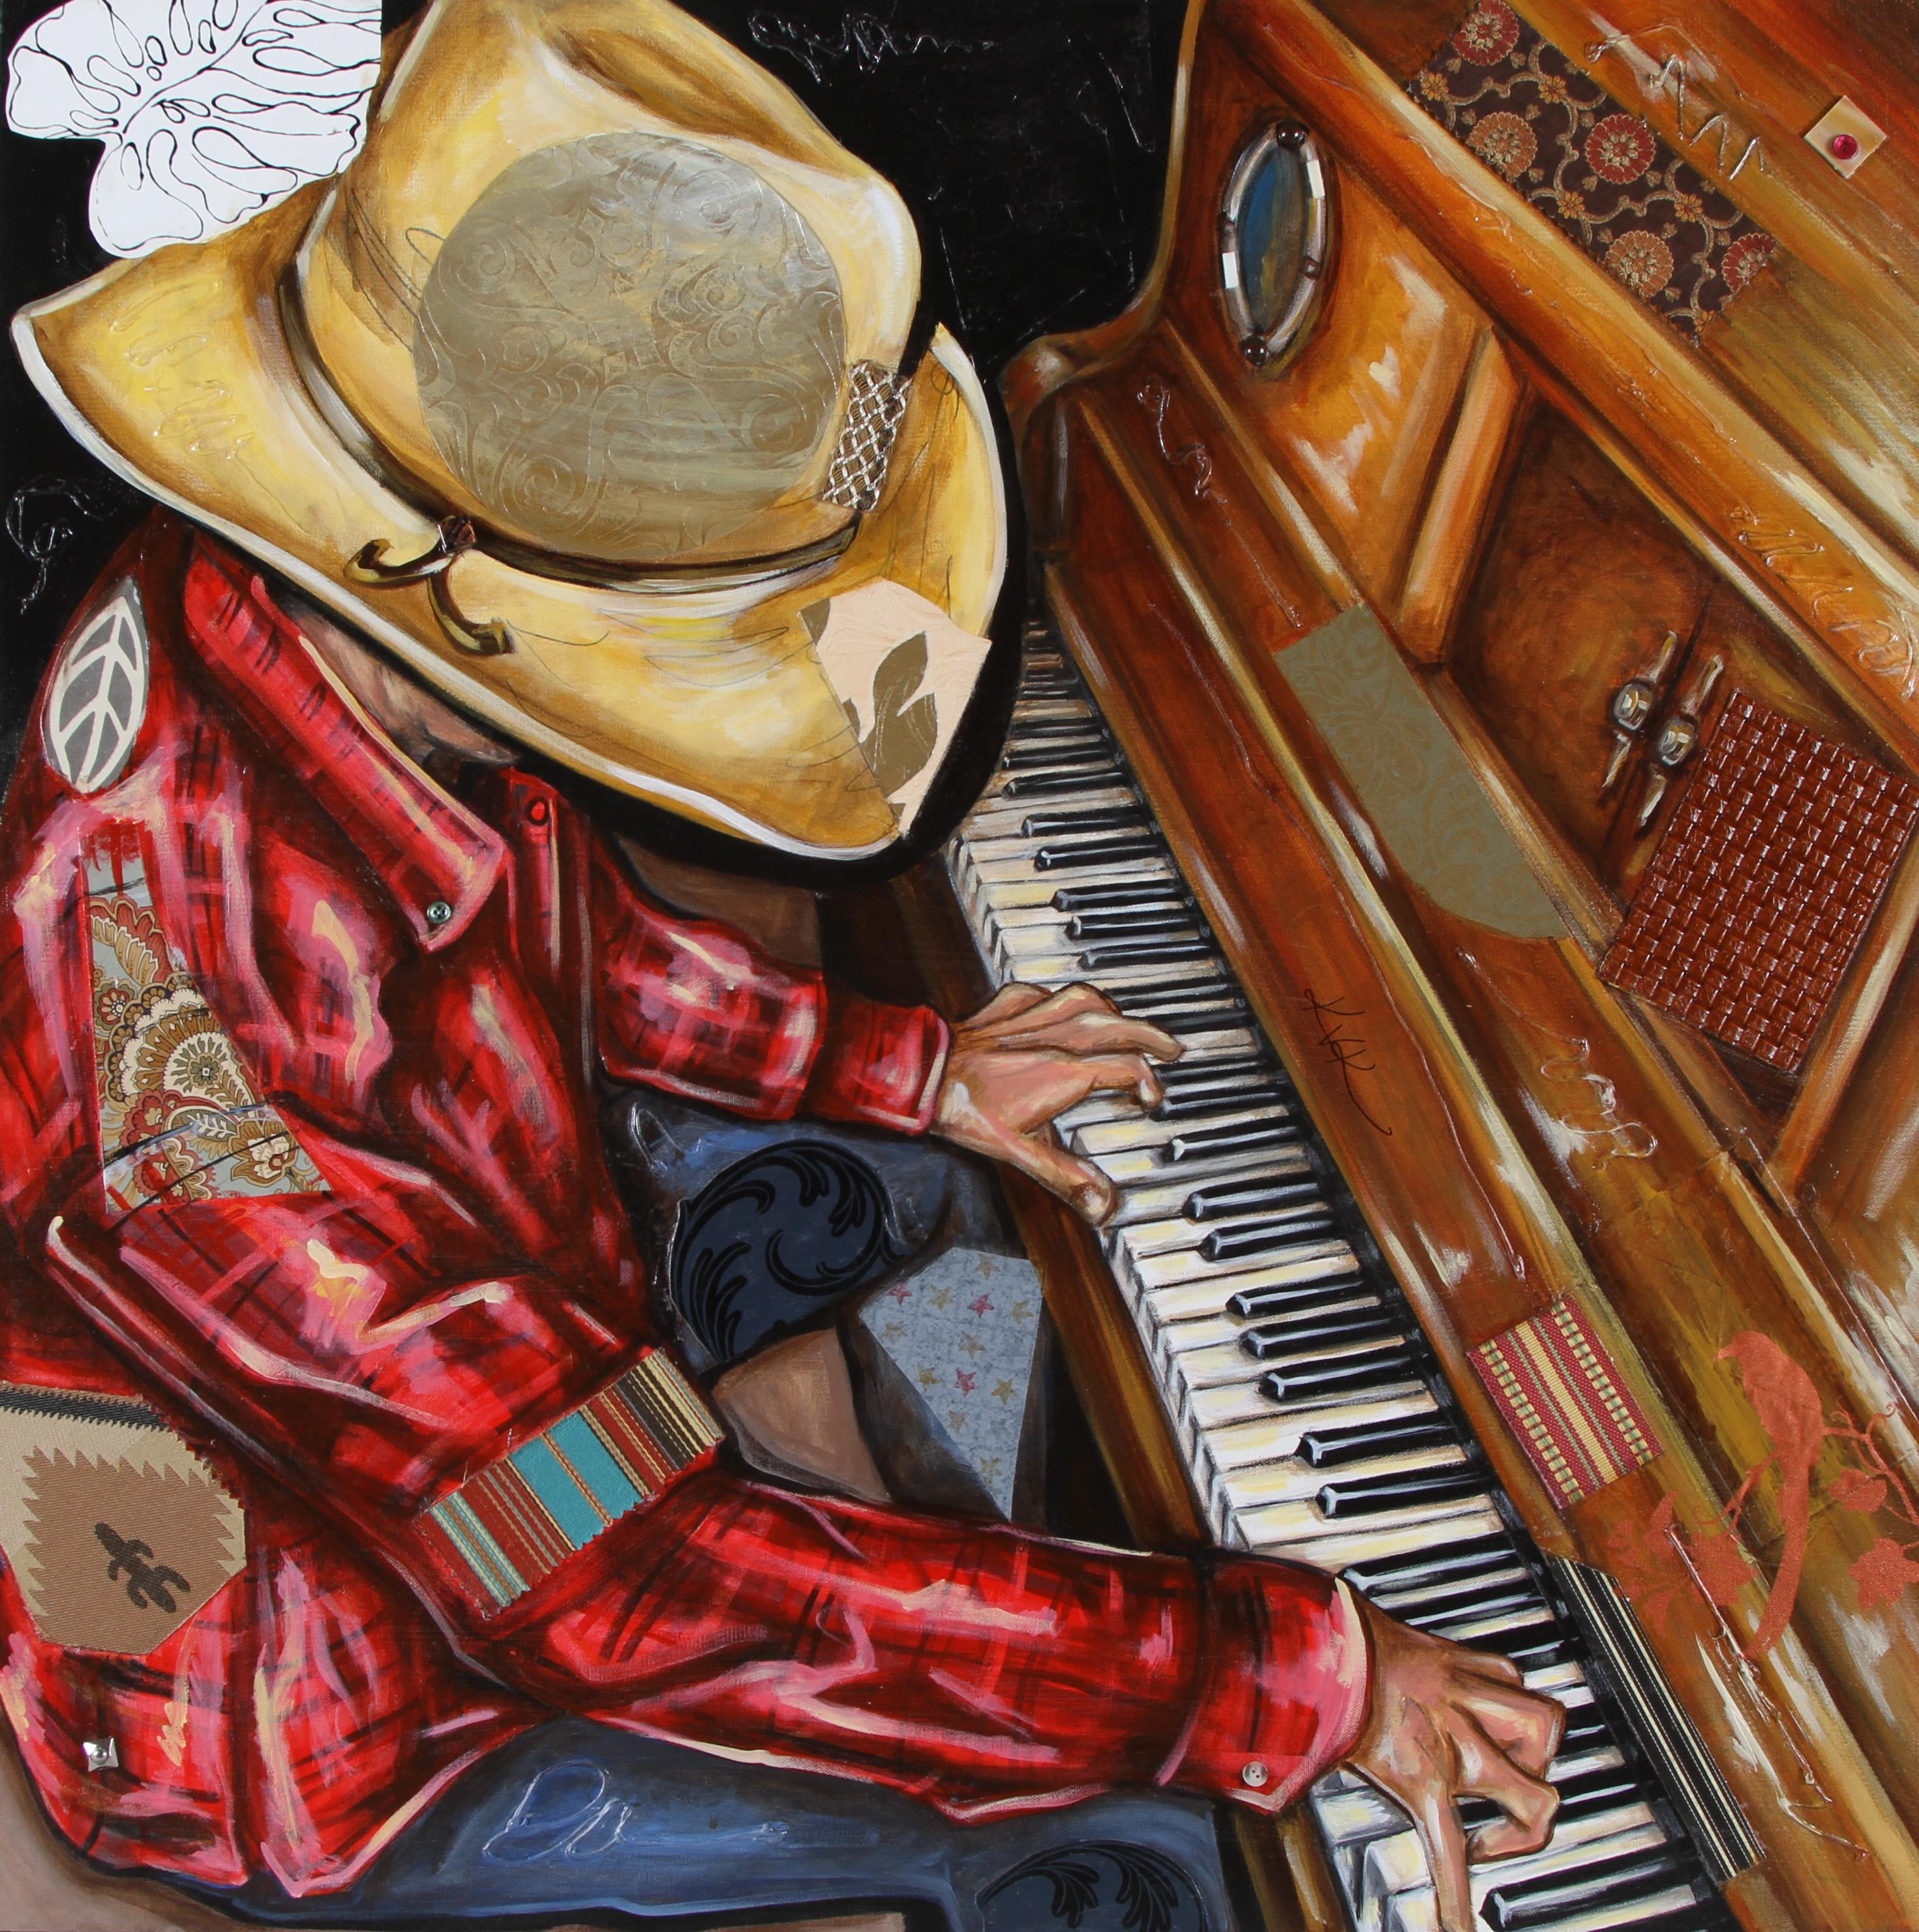 Vaquero de the piano q2pzmp